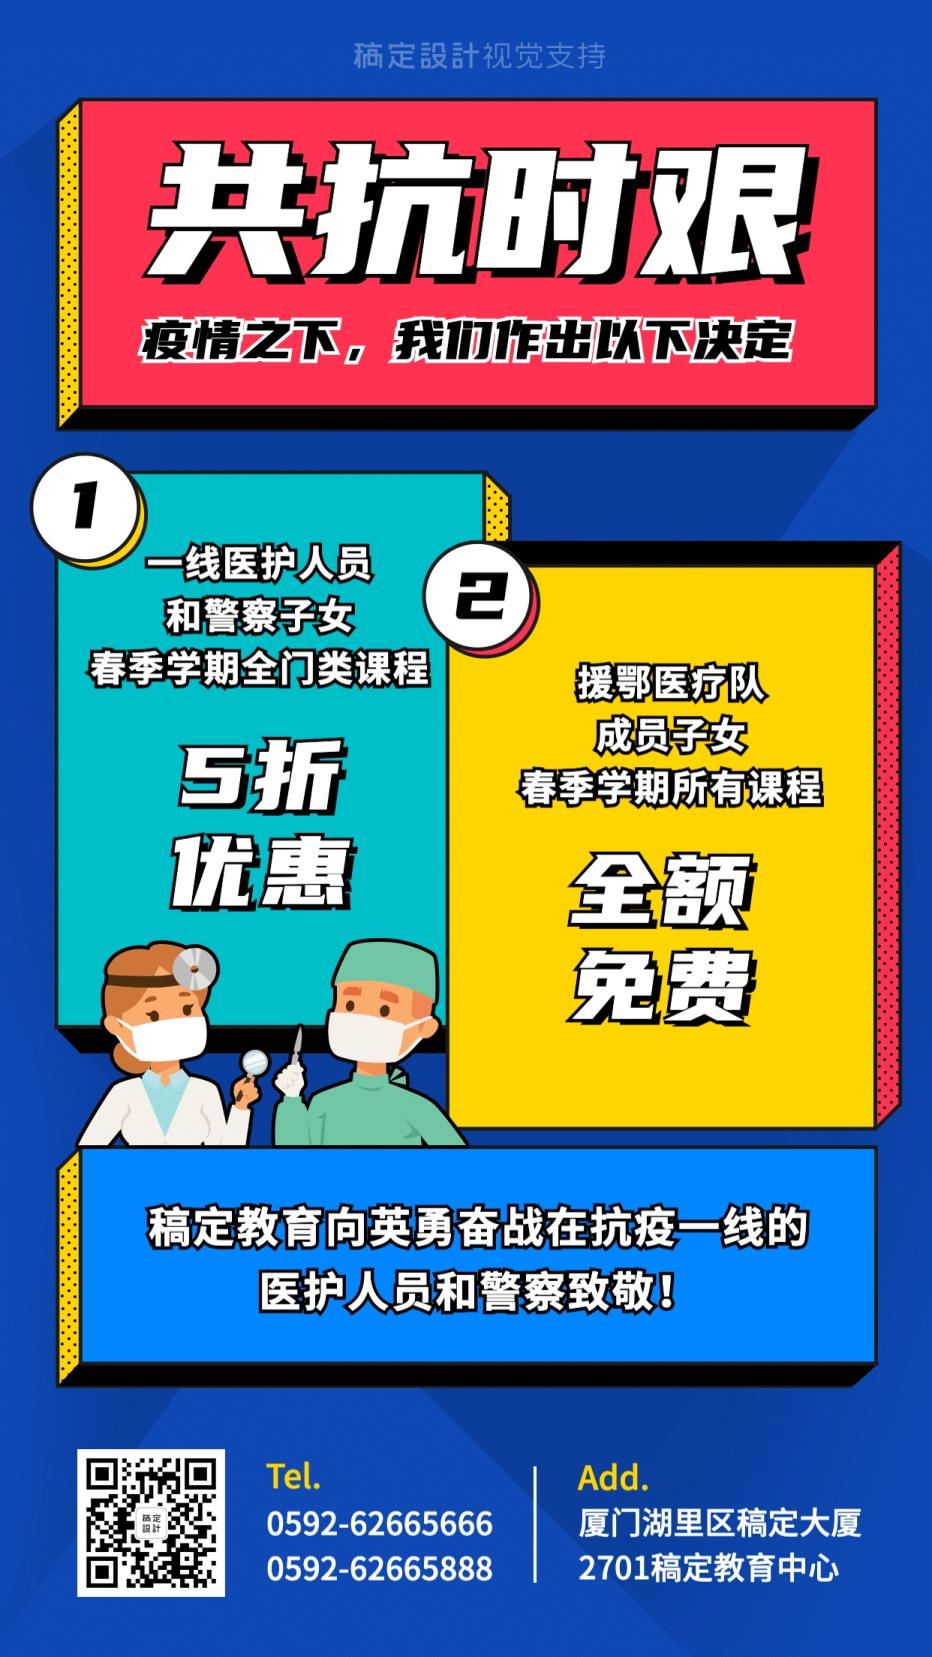 医护警察免费学习课程宣传手机海报